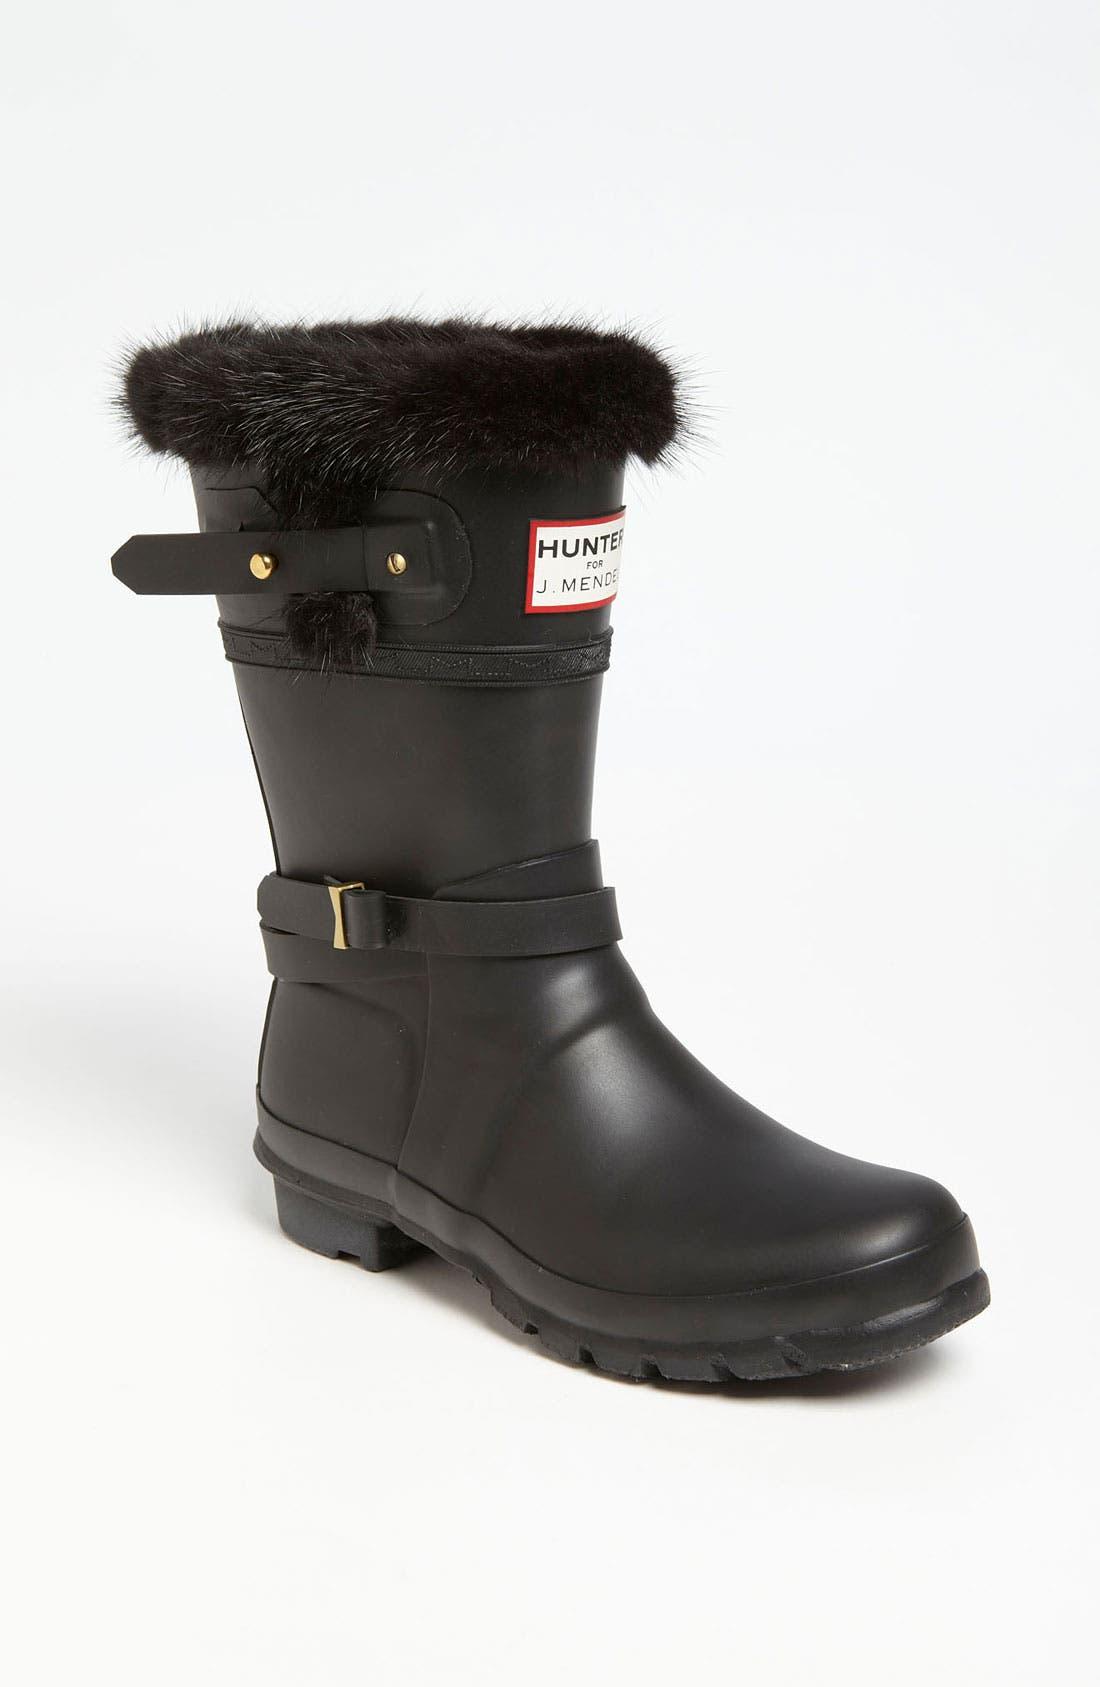 Main Image - Hunter for J. Mendel Genuine Fur Trim Boot (Women)